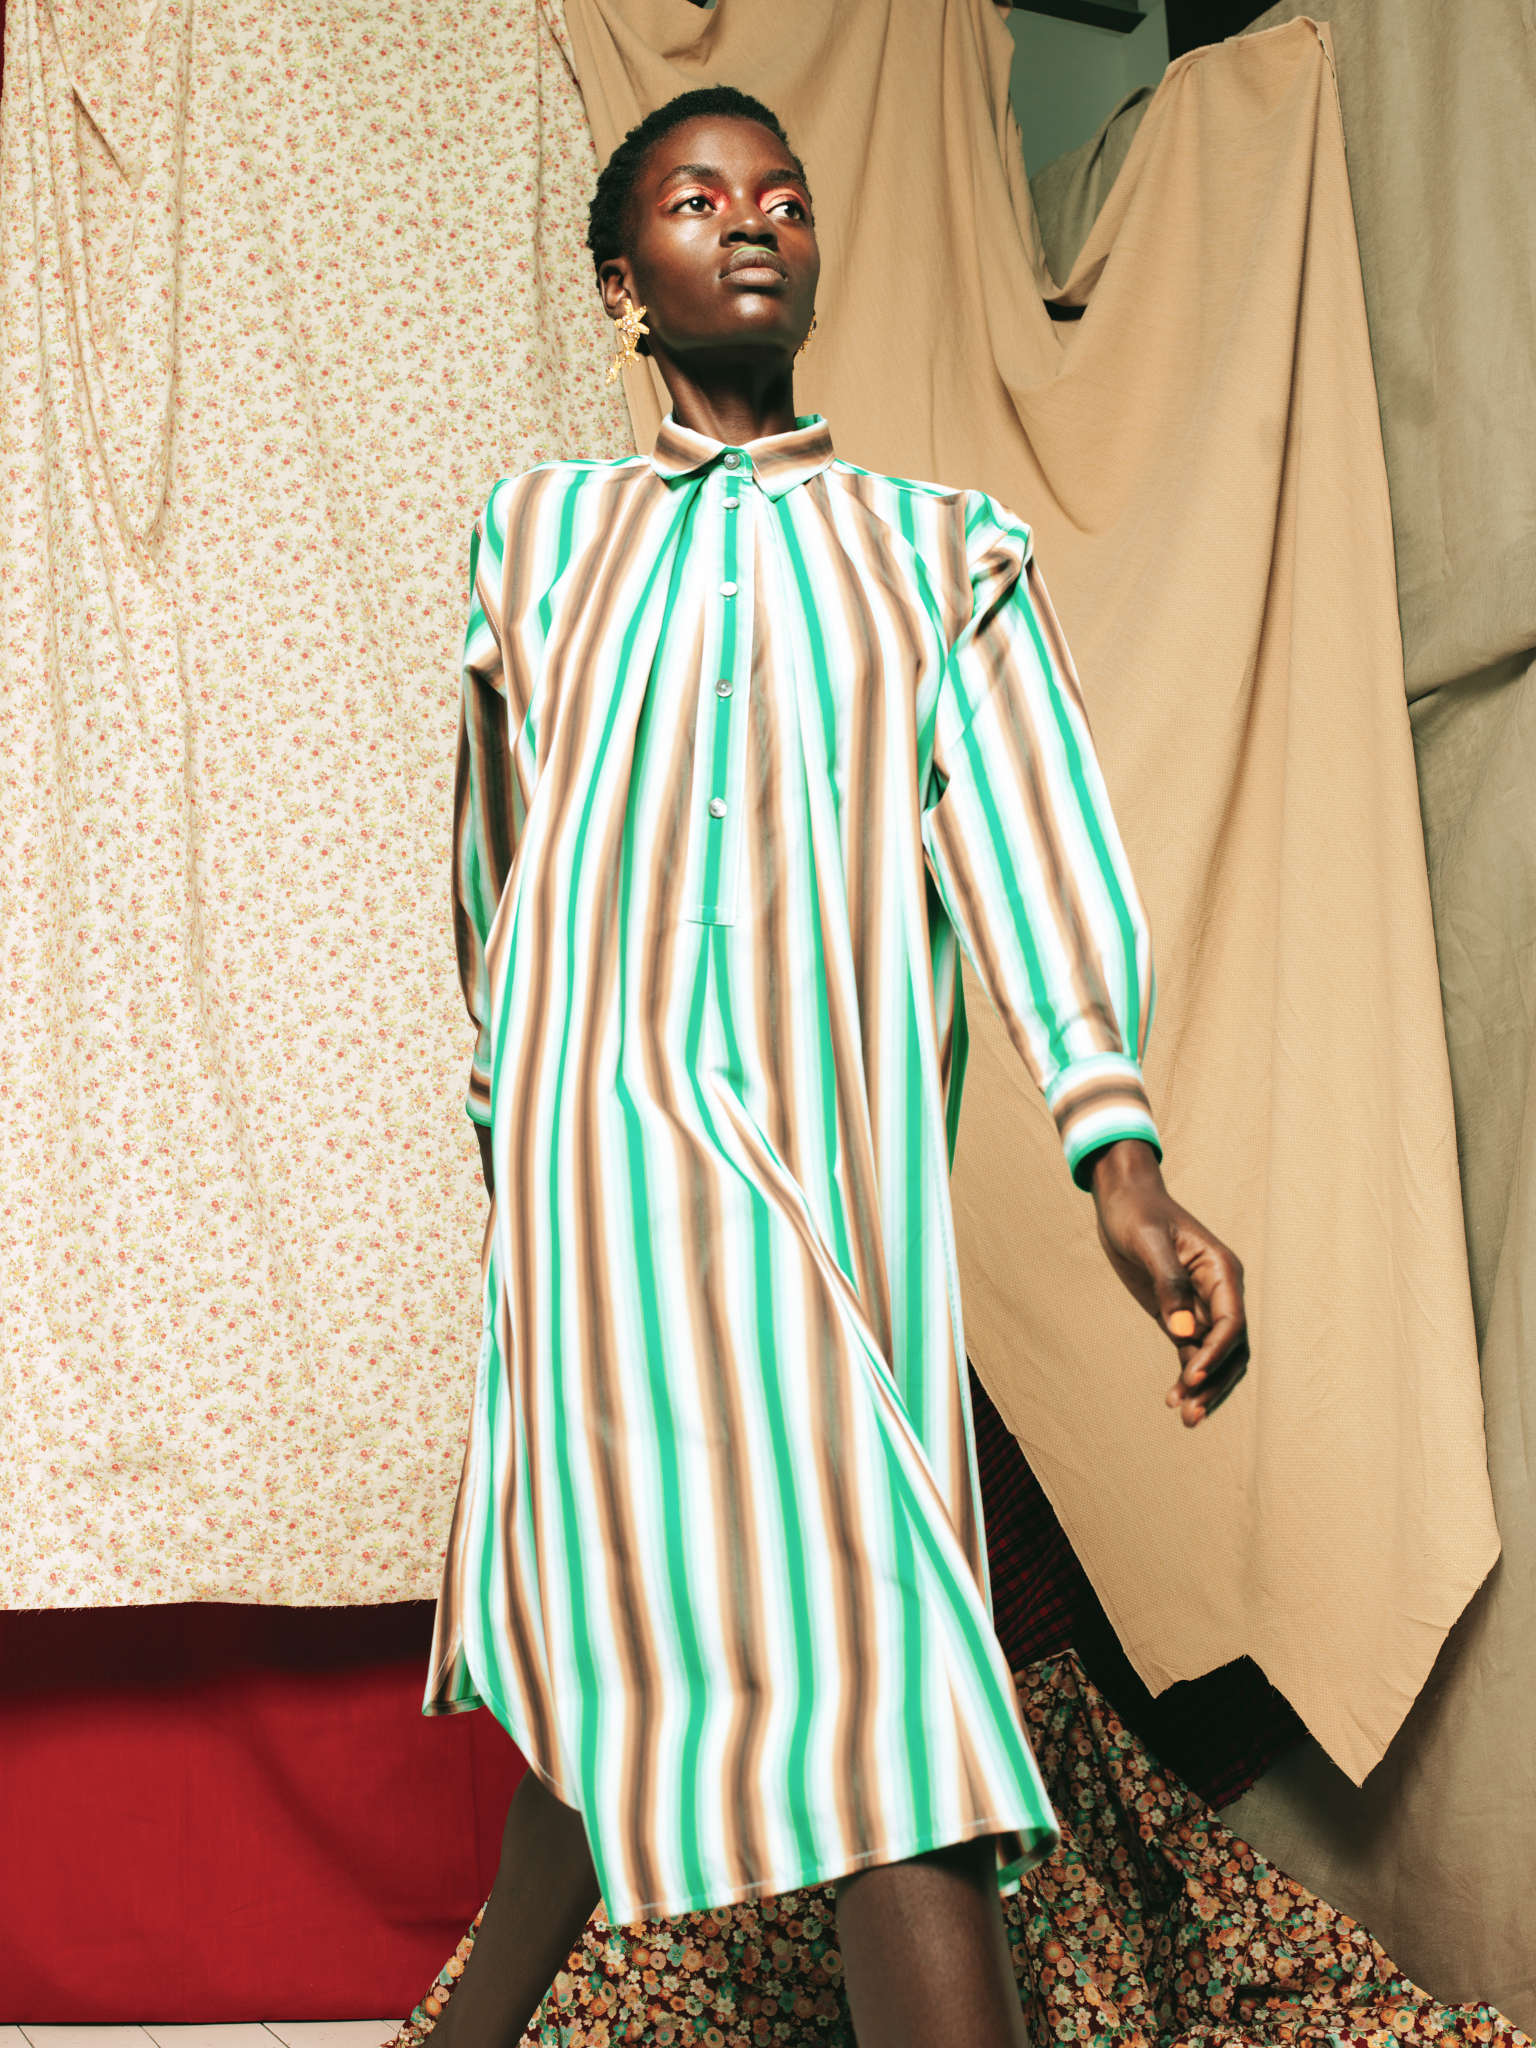 Marni dress, stylist's own earrings